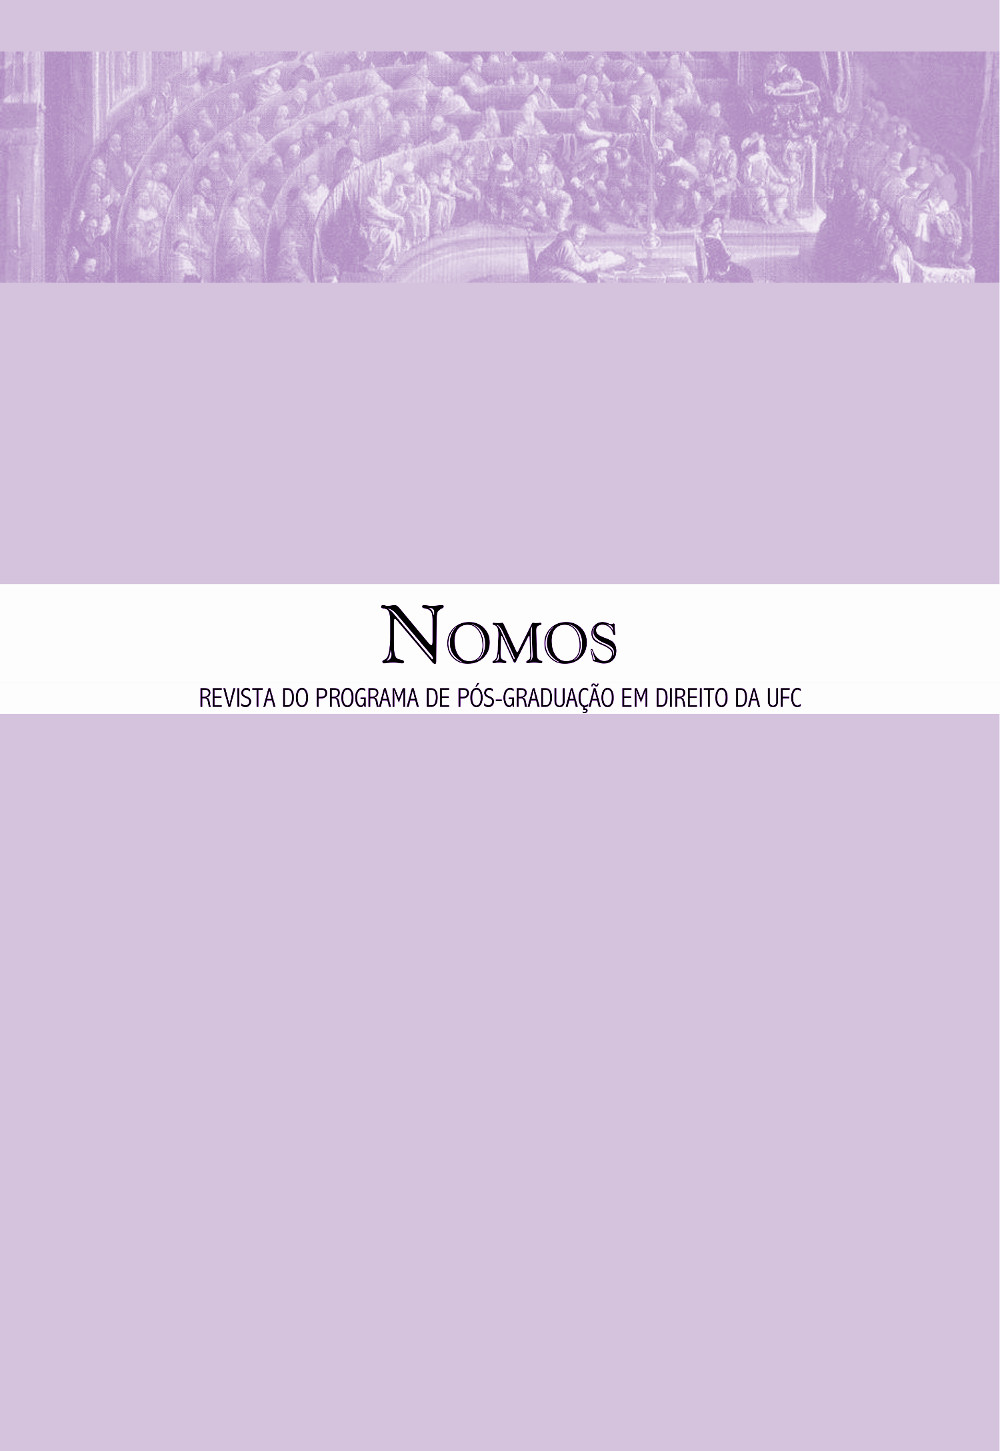 Nomos, volume 37, número 2, julho a dezembro de 2017